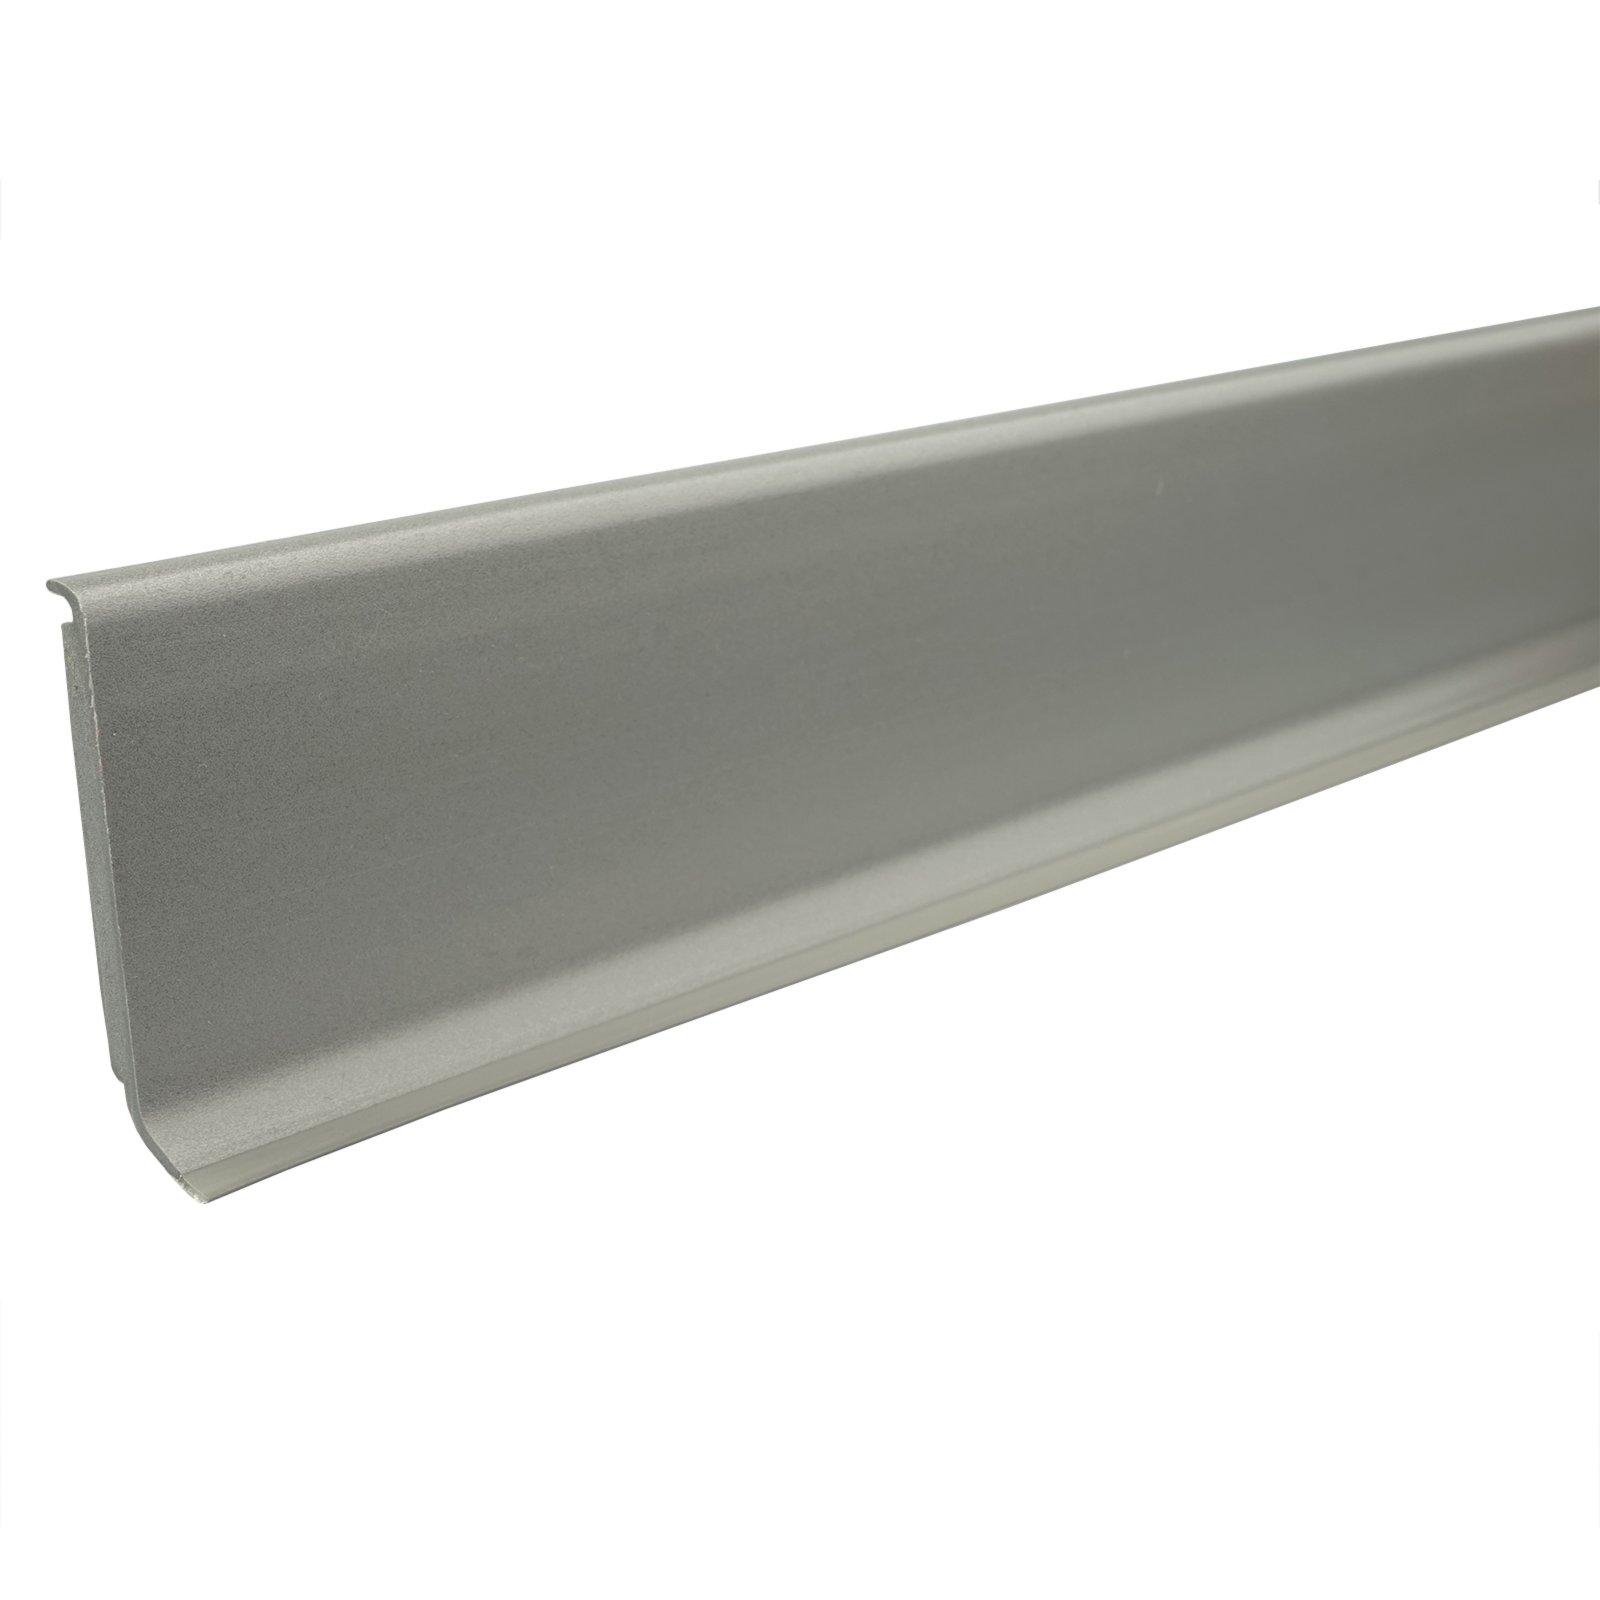 hartschaum sockelleiste grau 60 mm 255 cm fu leisten bodenbel ge renovieren roller. Black Bedroom Furniture Sets. Home Design Ideas